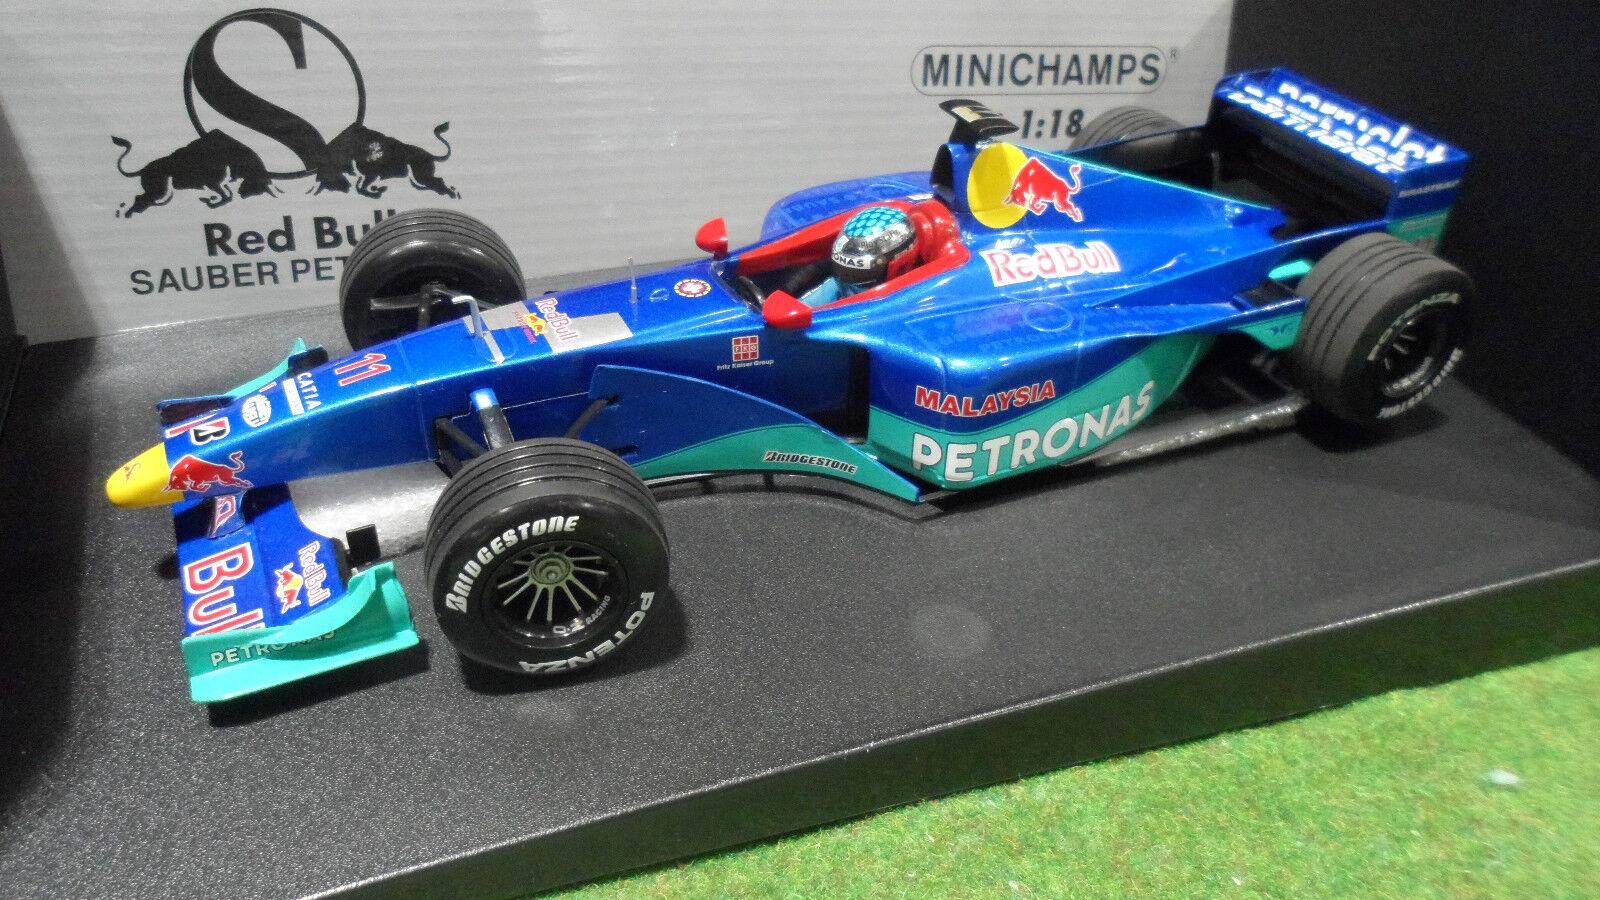 più economico F1 F1 F1 SAUBER PETRONAS 1999 C18 ALESI  11 rosso BULL 1 18 MINICHAMPS 180990011 voiture  promozioni di squadra